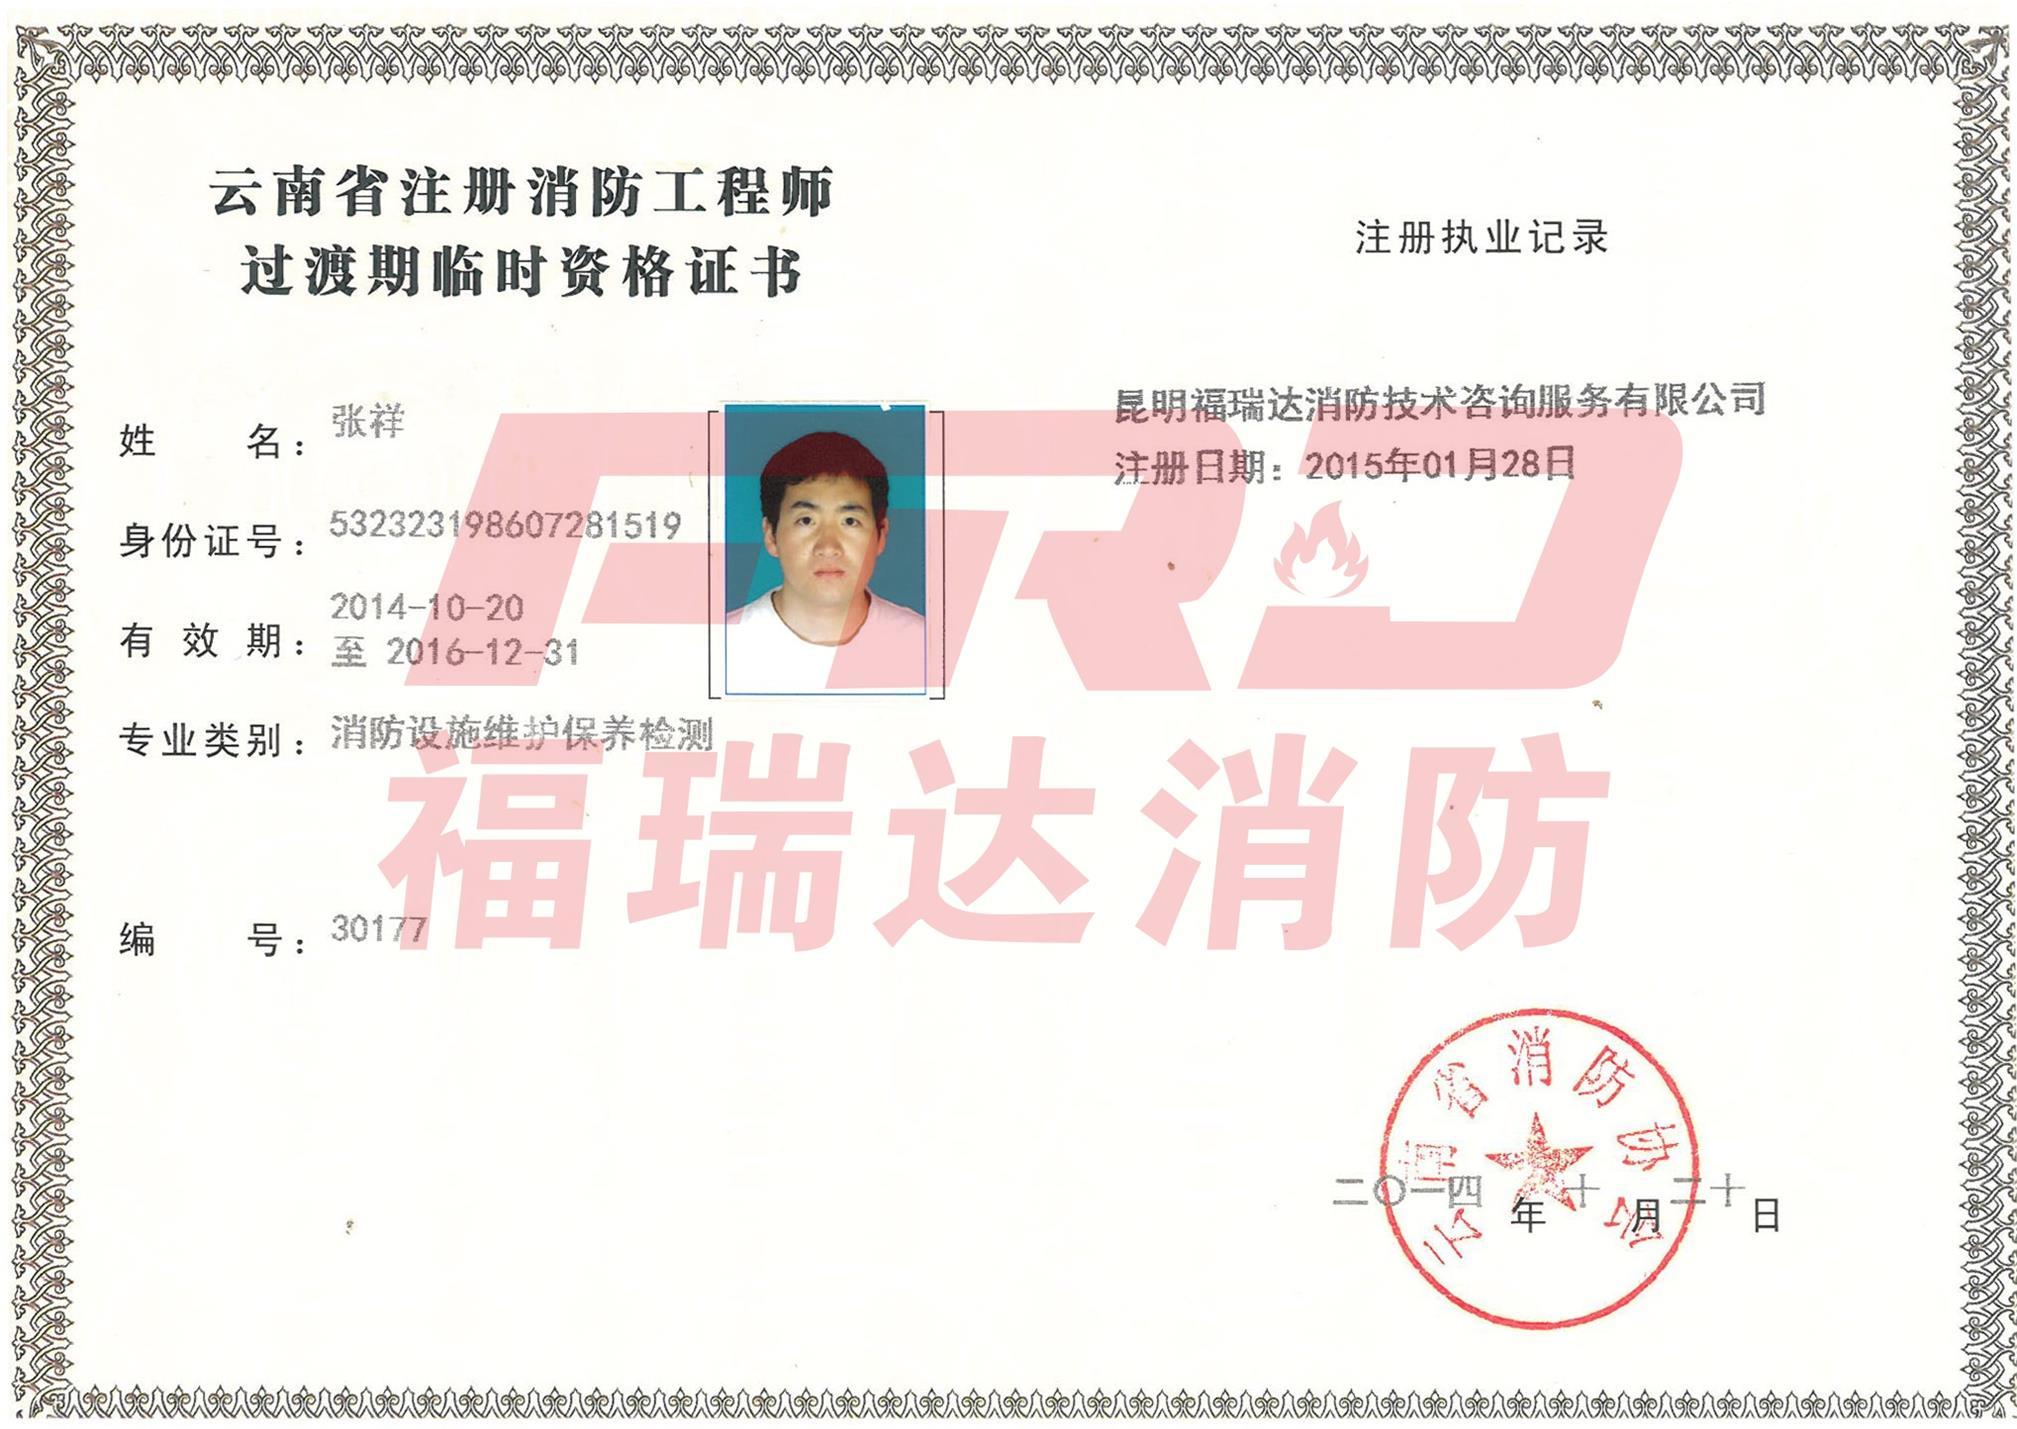 消防维修工程师张祥